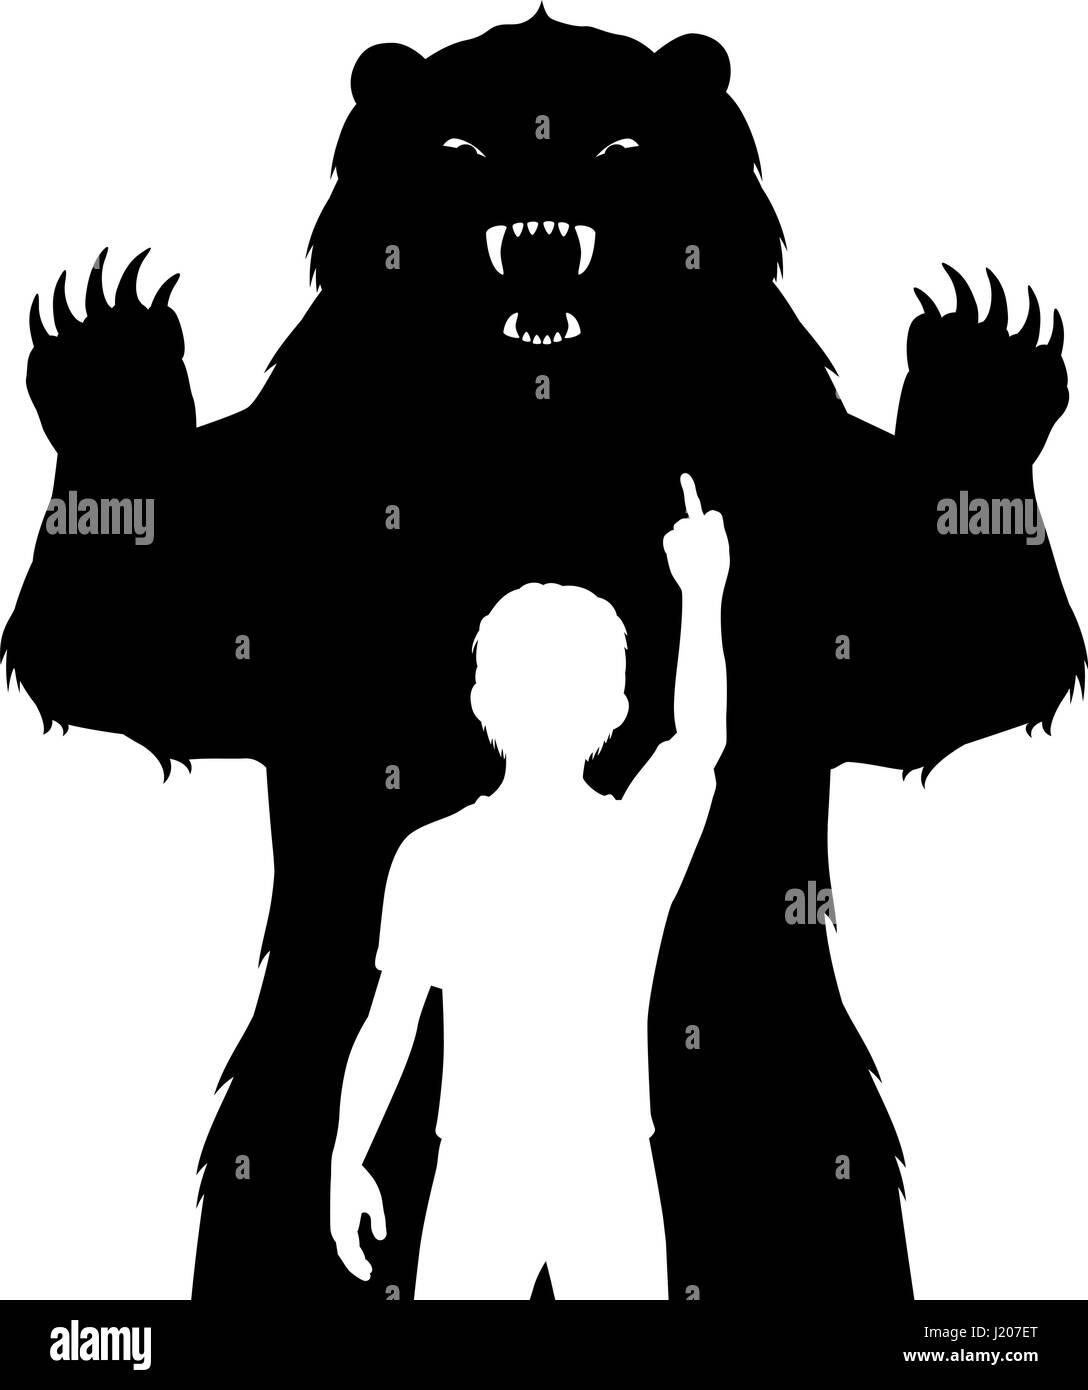 Ilustración vectorial editable de un niño sin miedo a un feroz oso Imagen De Stock